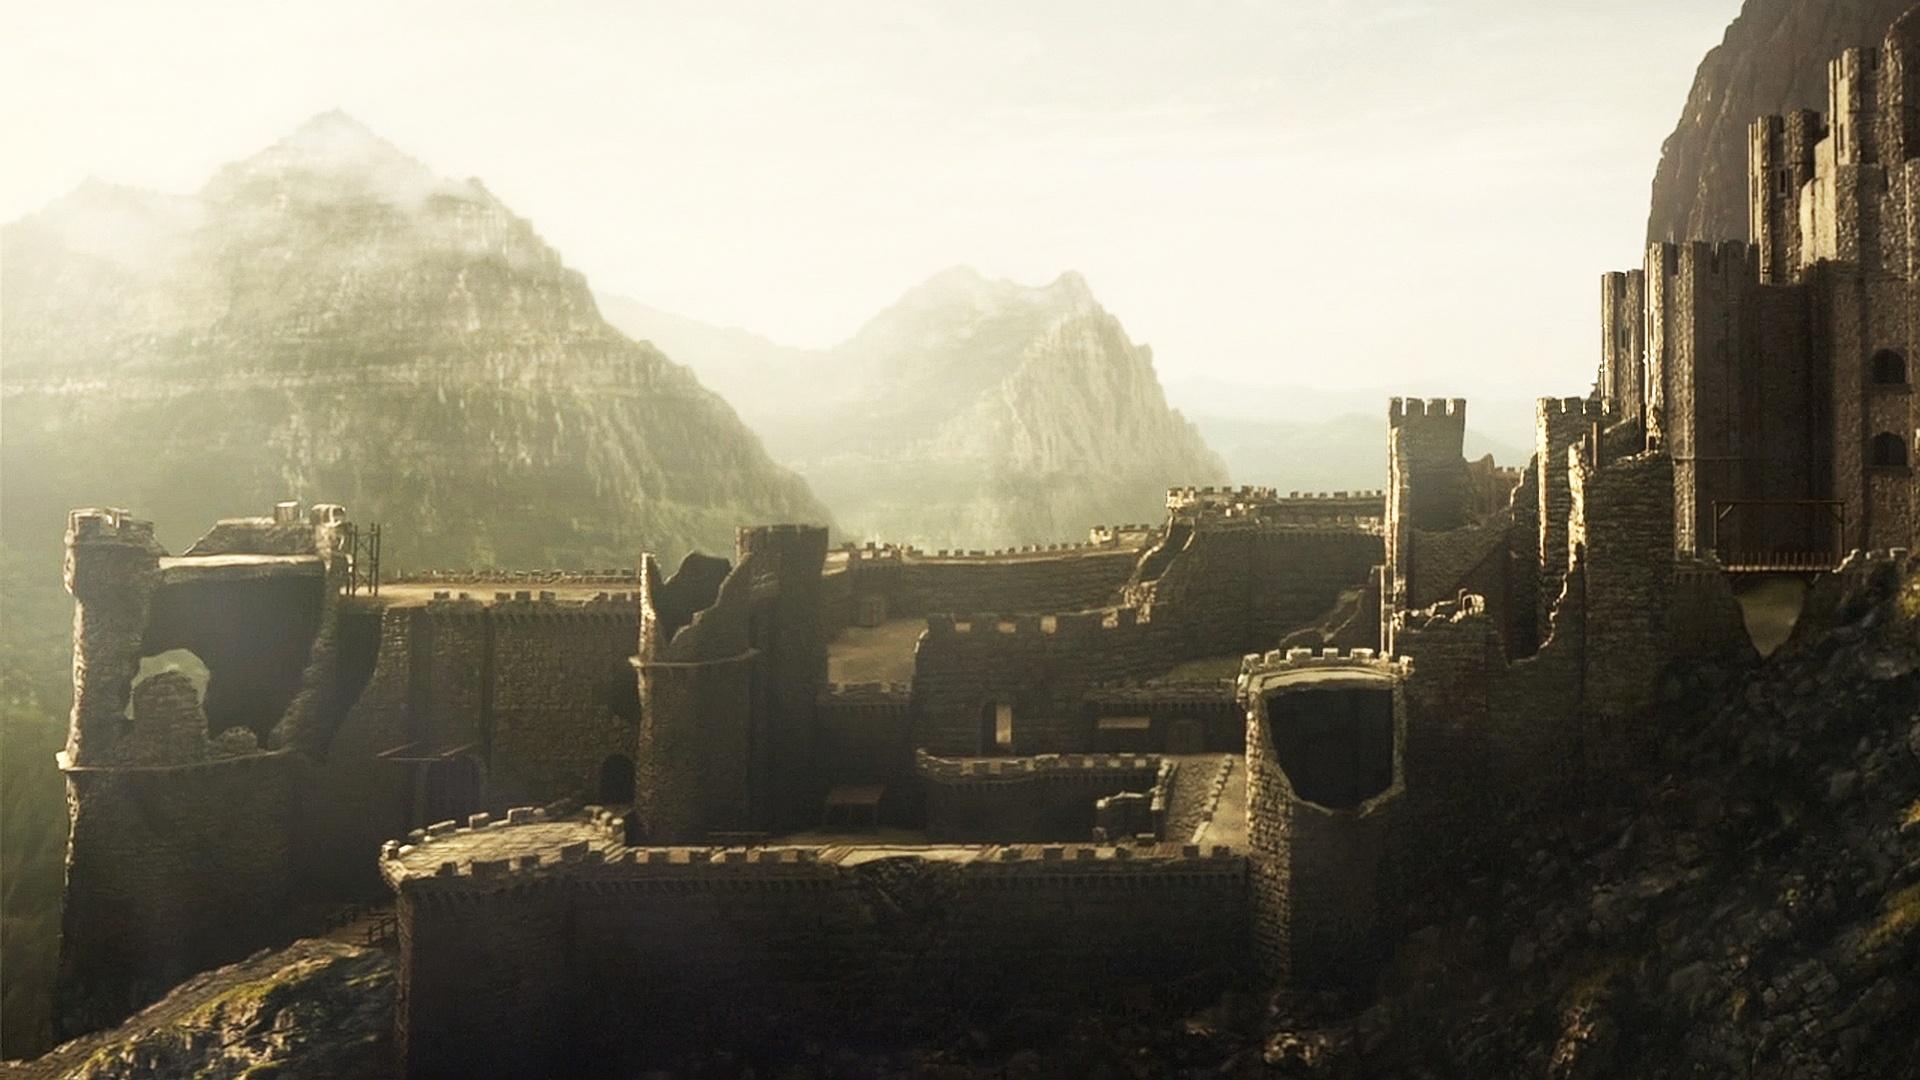 Witcher-Serie - Erste Clips aufgetaucht: Willkommen in Kaer Morhen